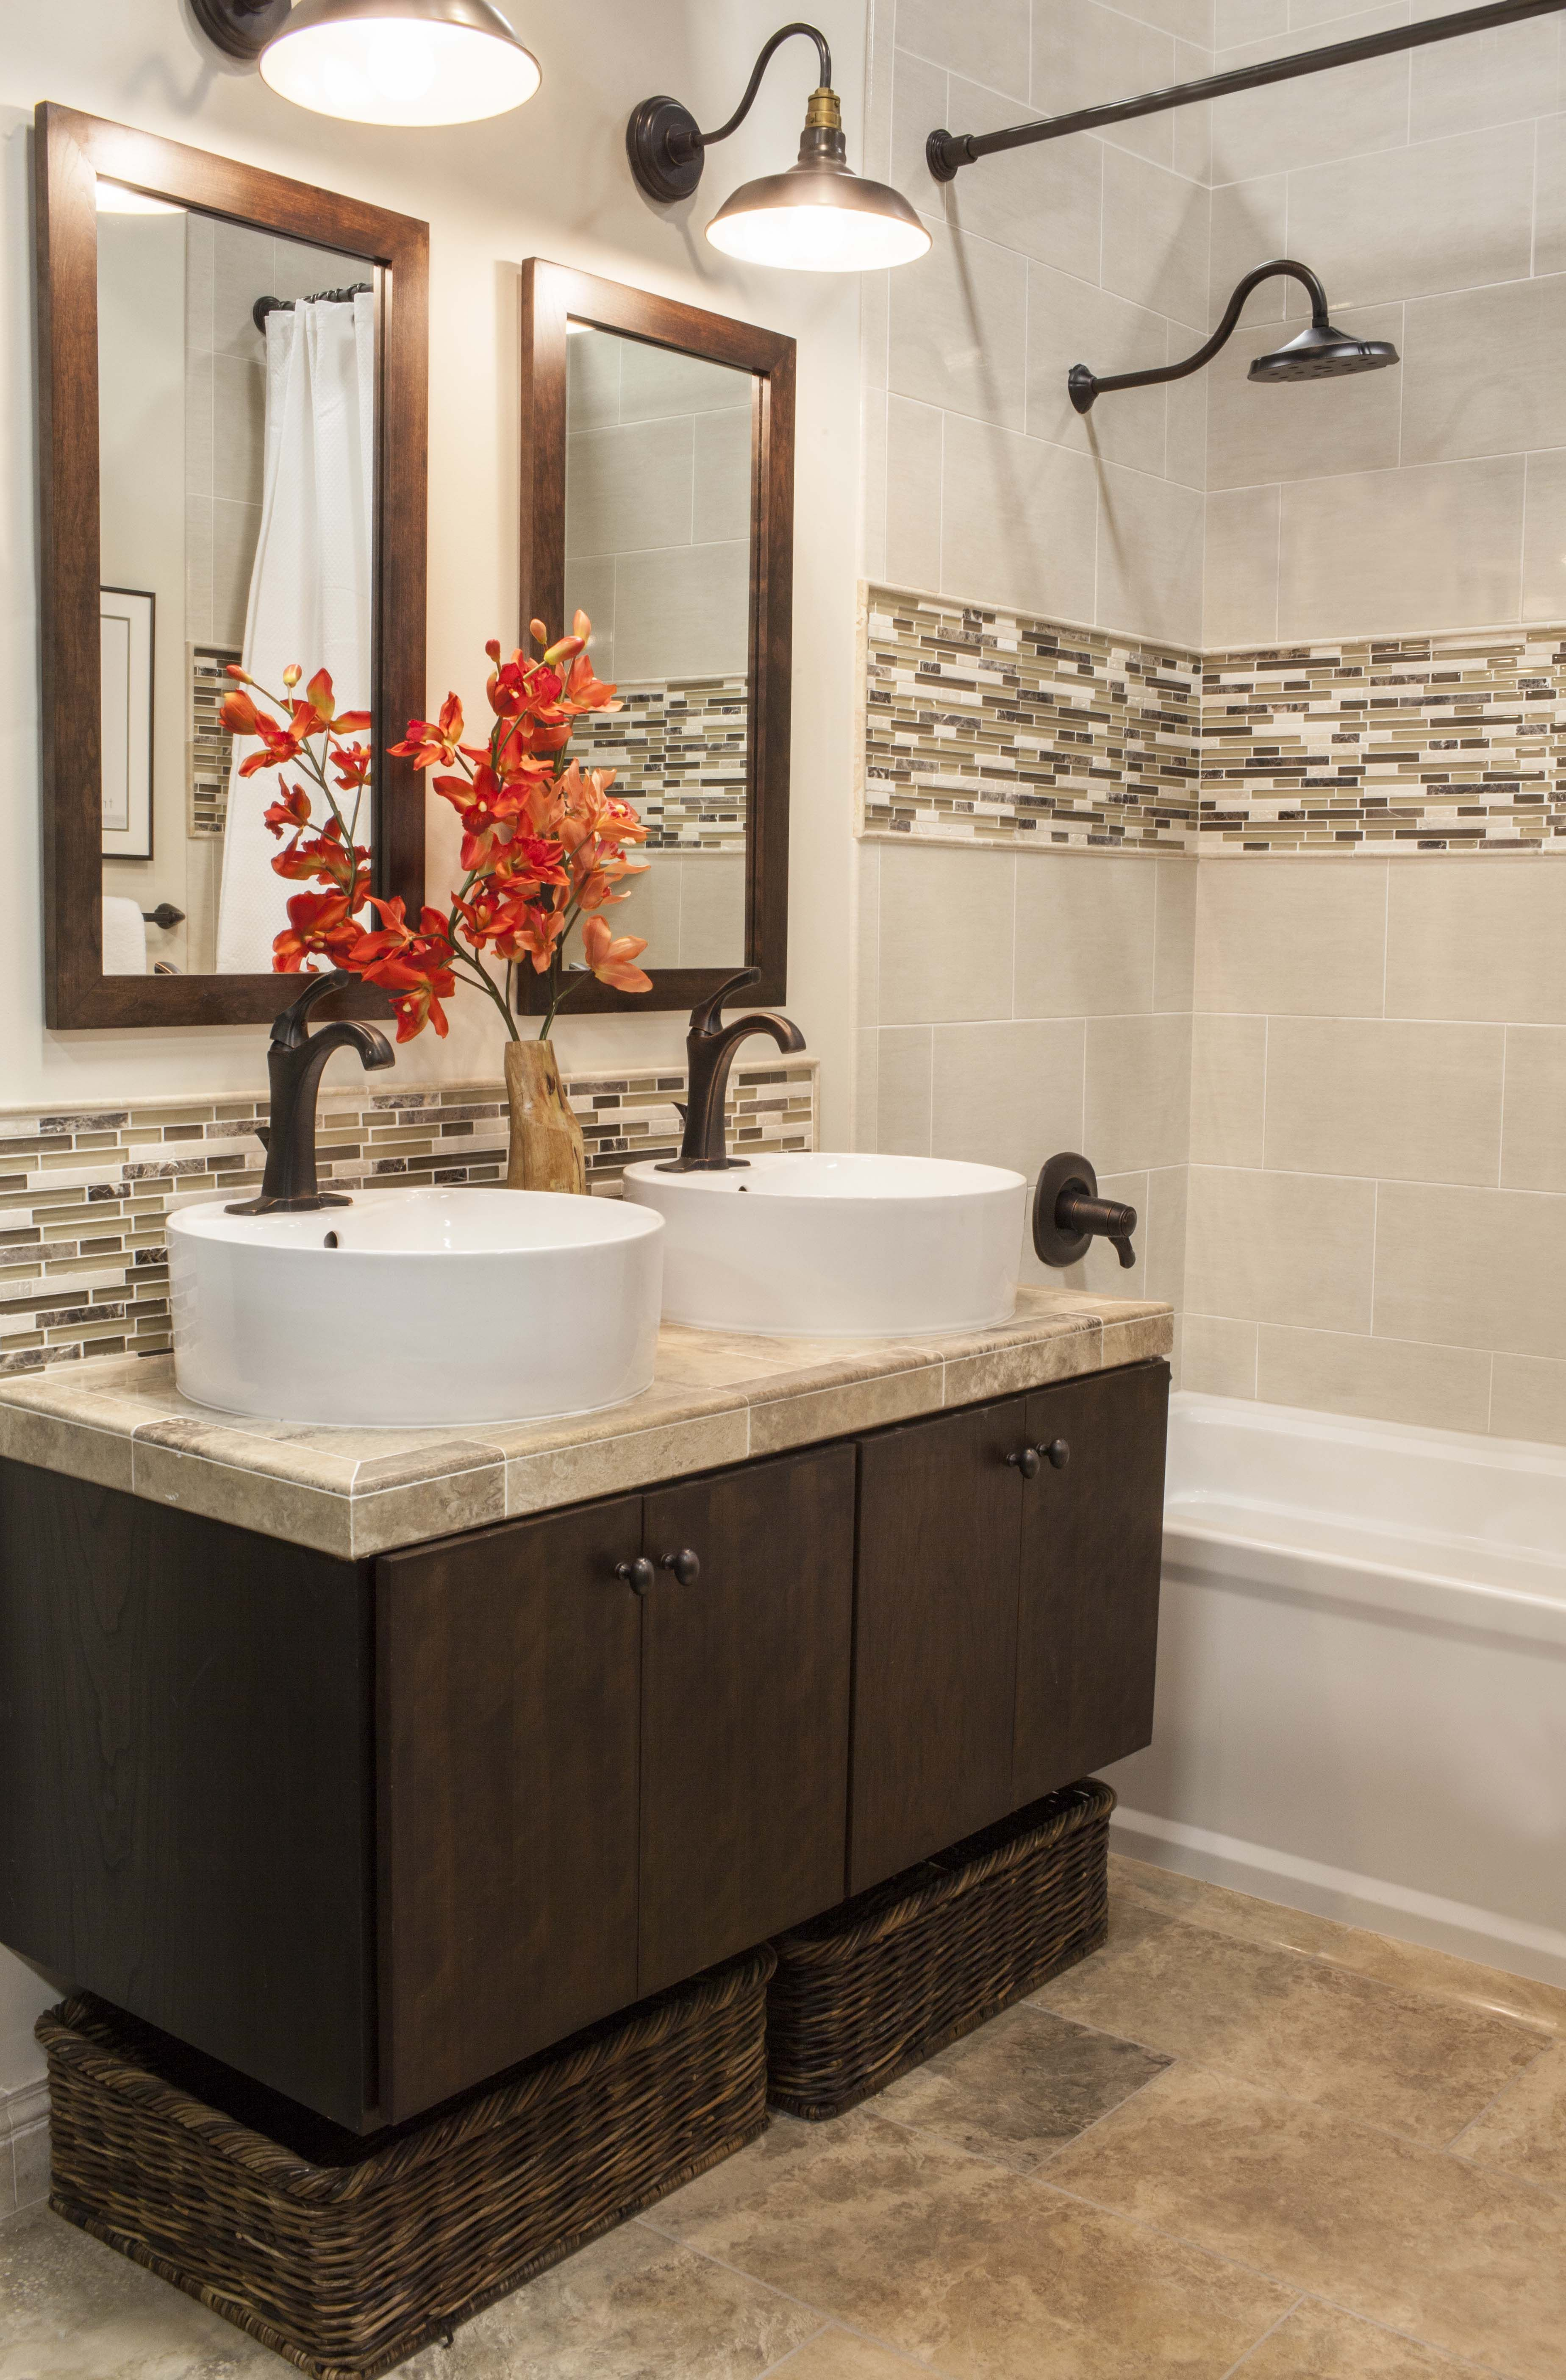 lampe badezimmer die richtige beleuchtung f r ihr badezimmer finden fliesen pinterest. Black Bedroom Furniture Sets. Home Design Ideas